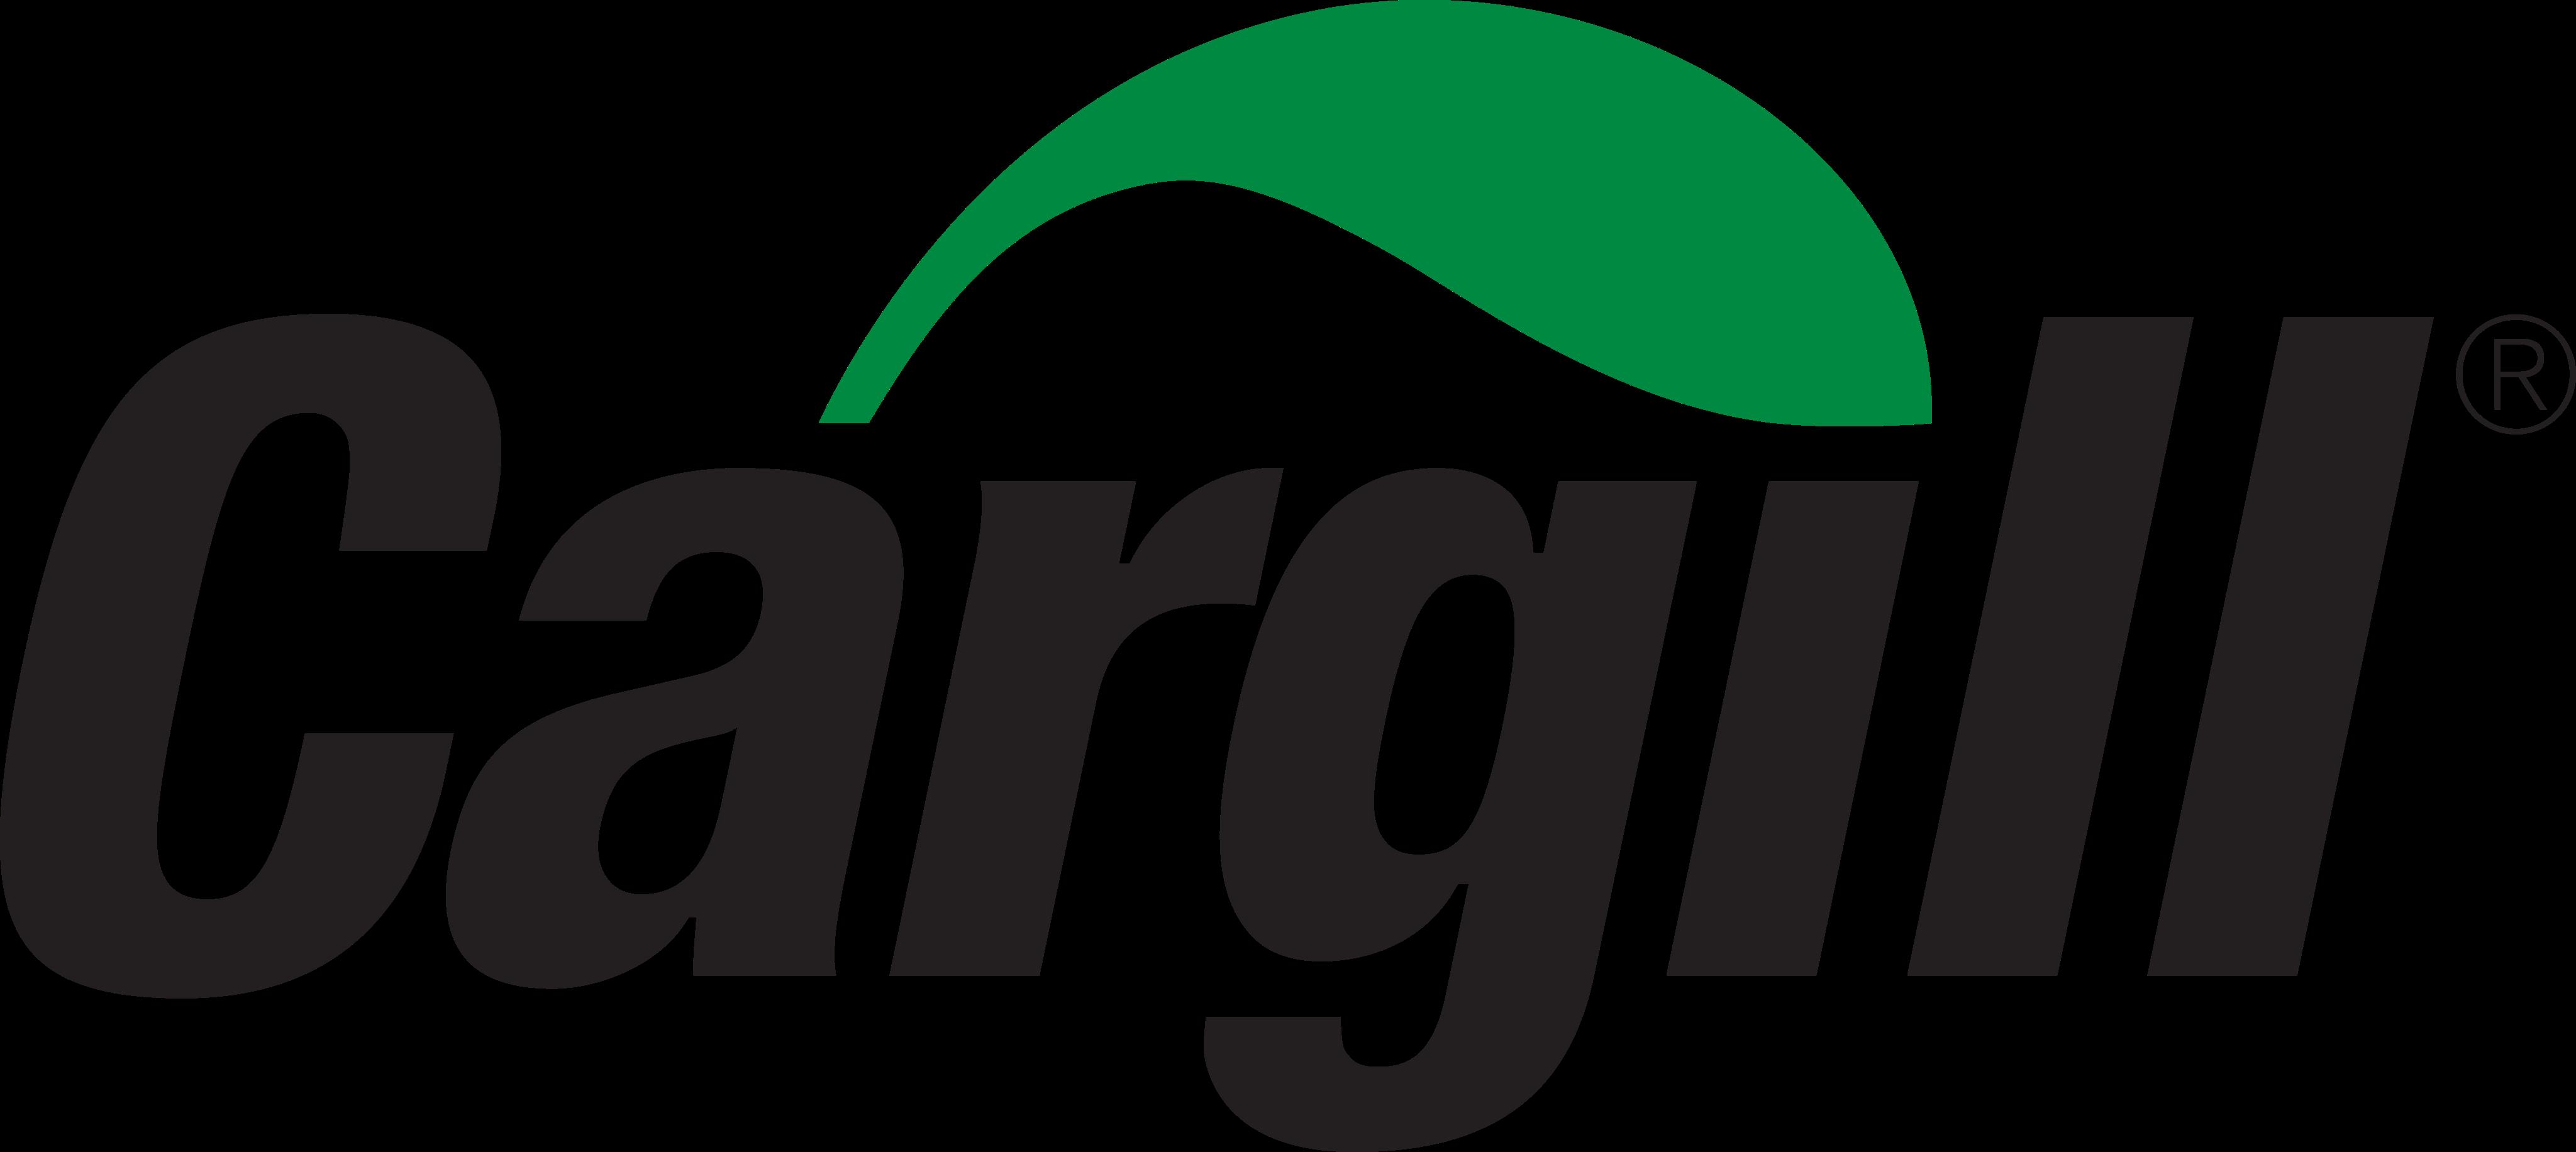 LOGO-CARGILL